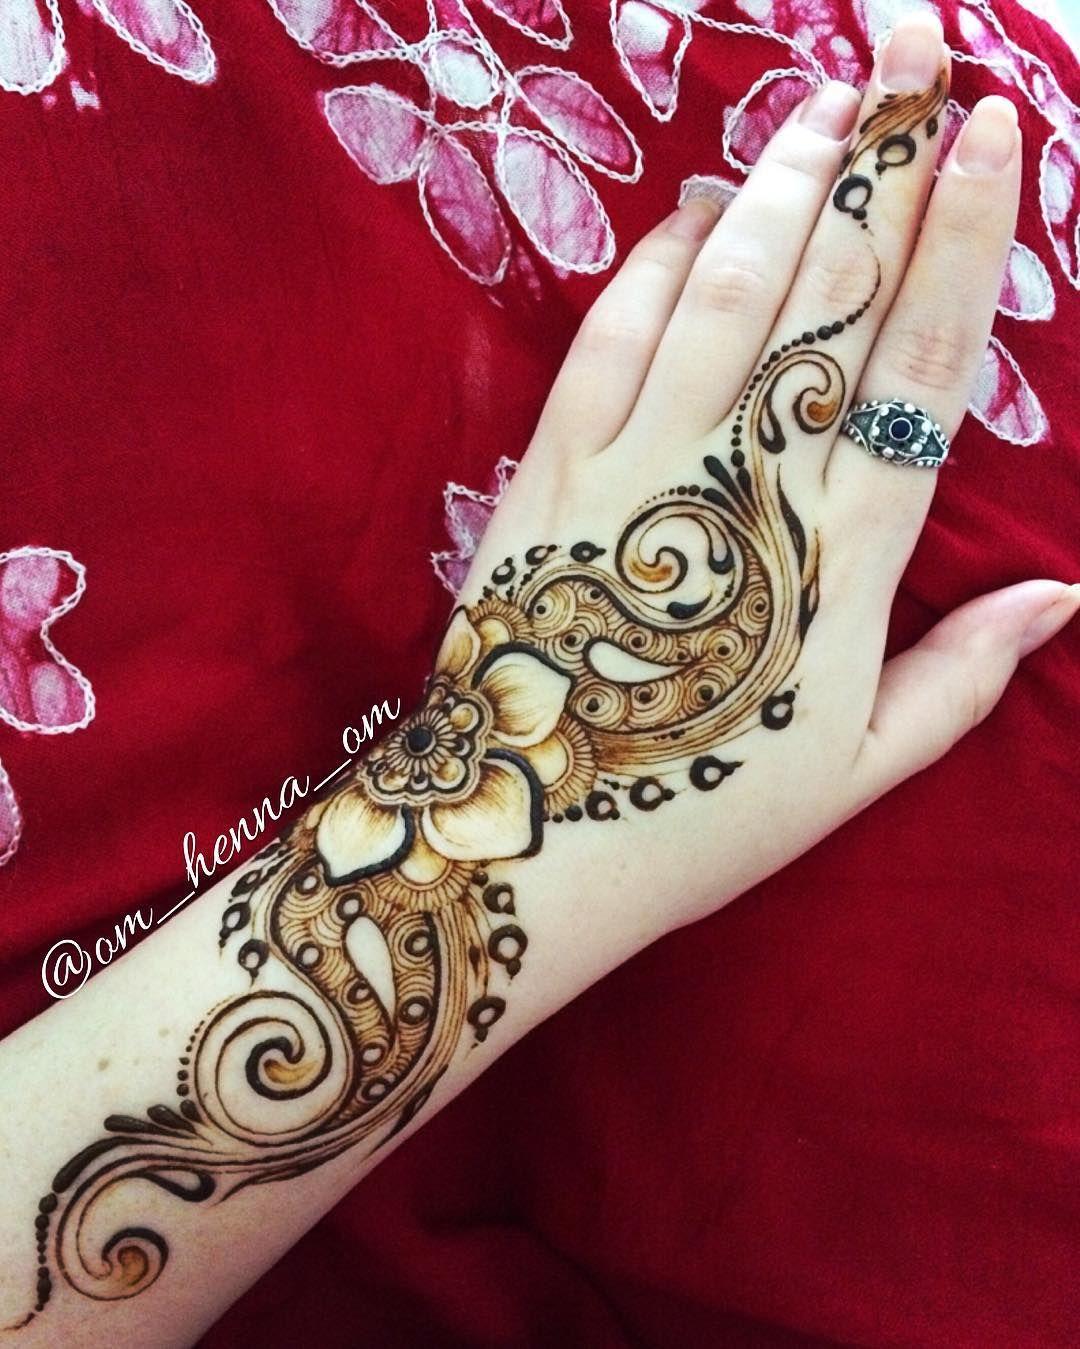 24 Henna Tattoos By Rachel Goldman You Must See: Pin By Navya Goyal On Mehendi Designs ️